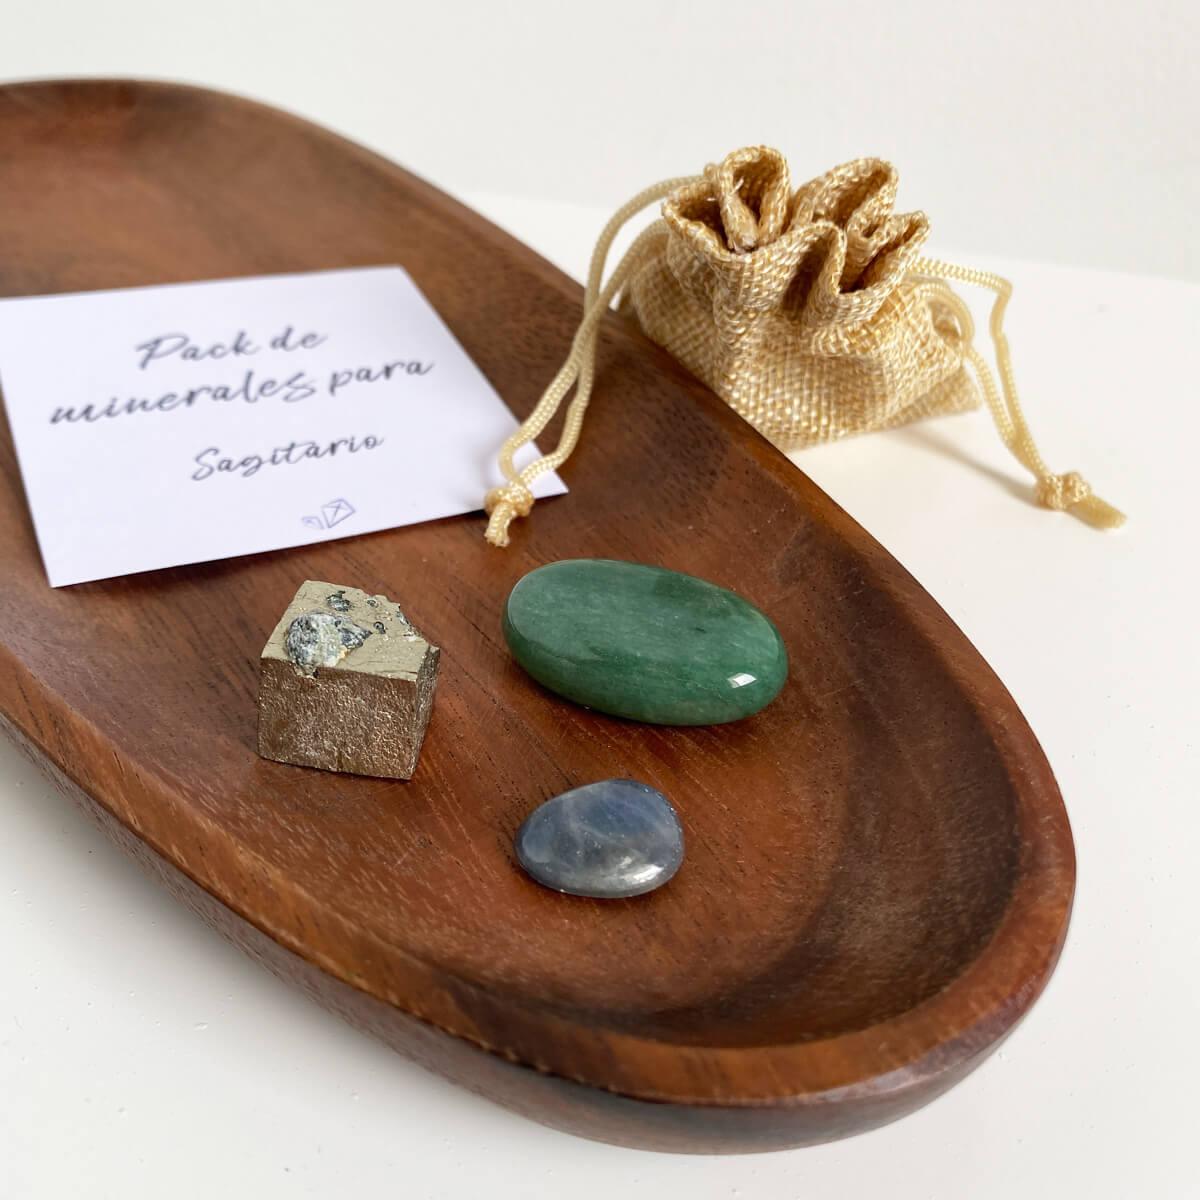 minerales para sagitario